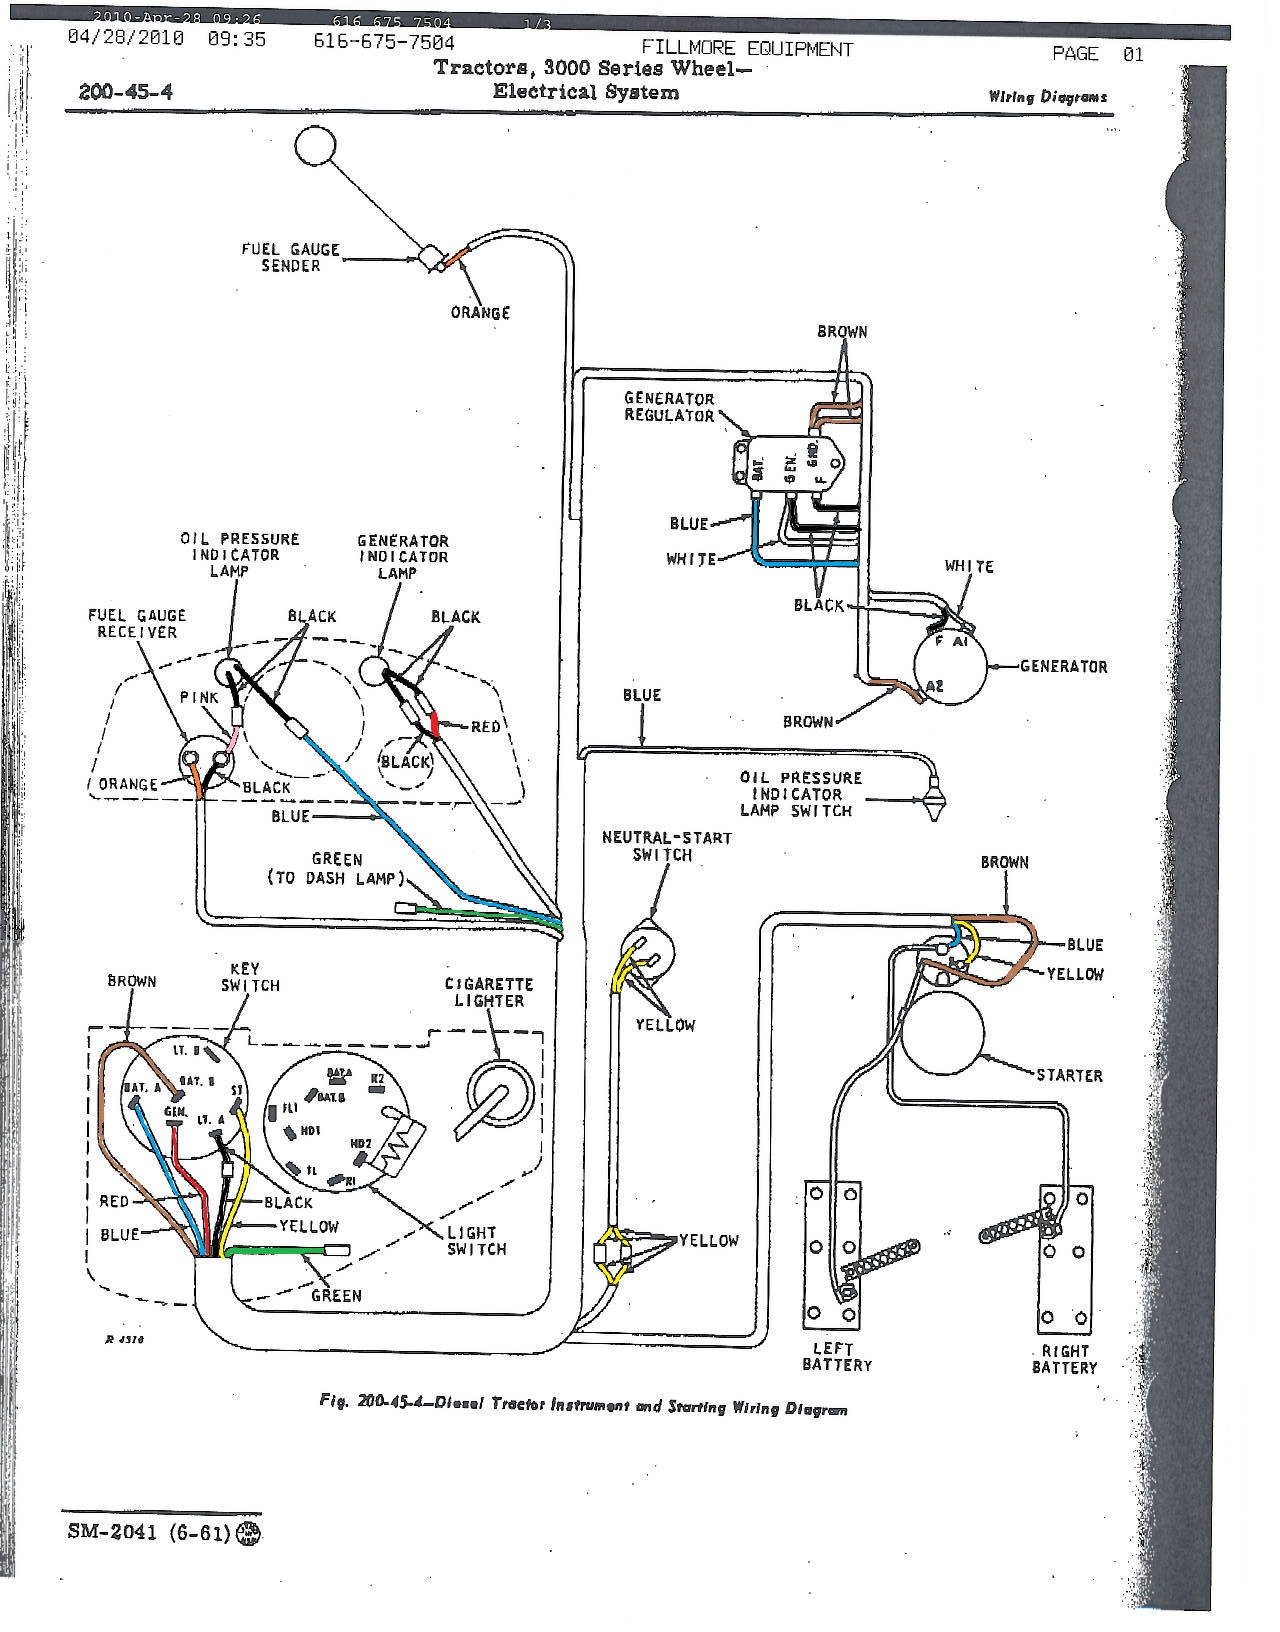 wiring diagram besides john deere wiring diagrams on 3010 john deere